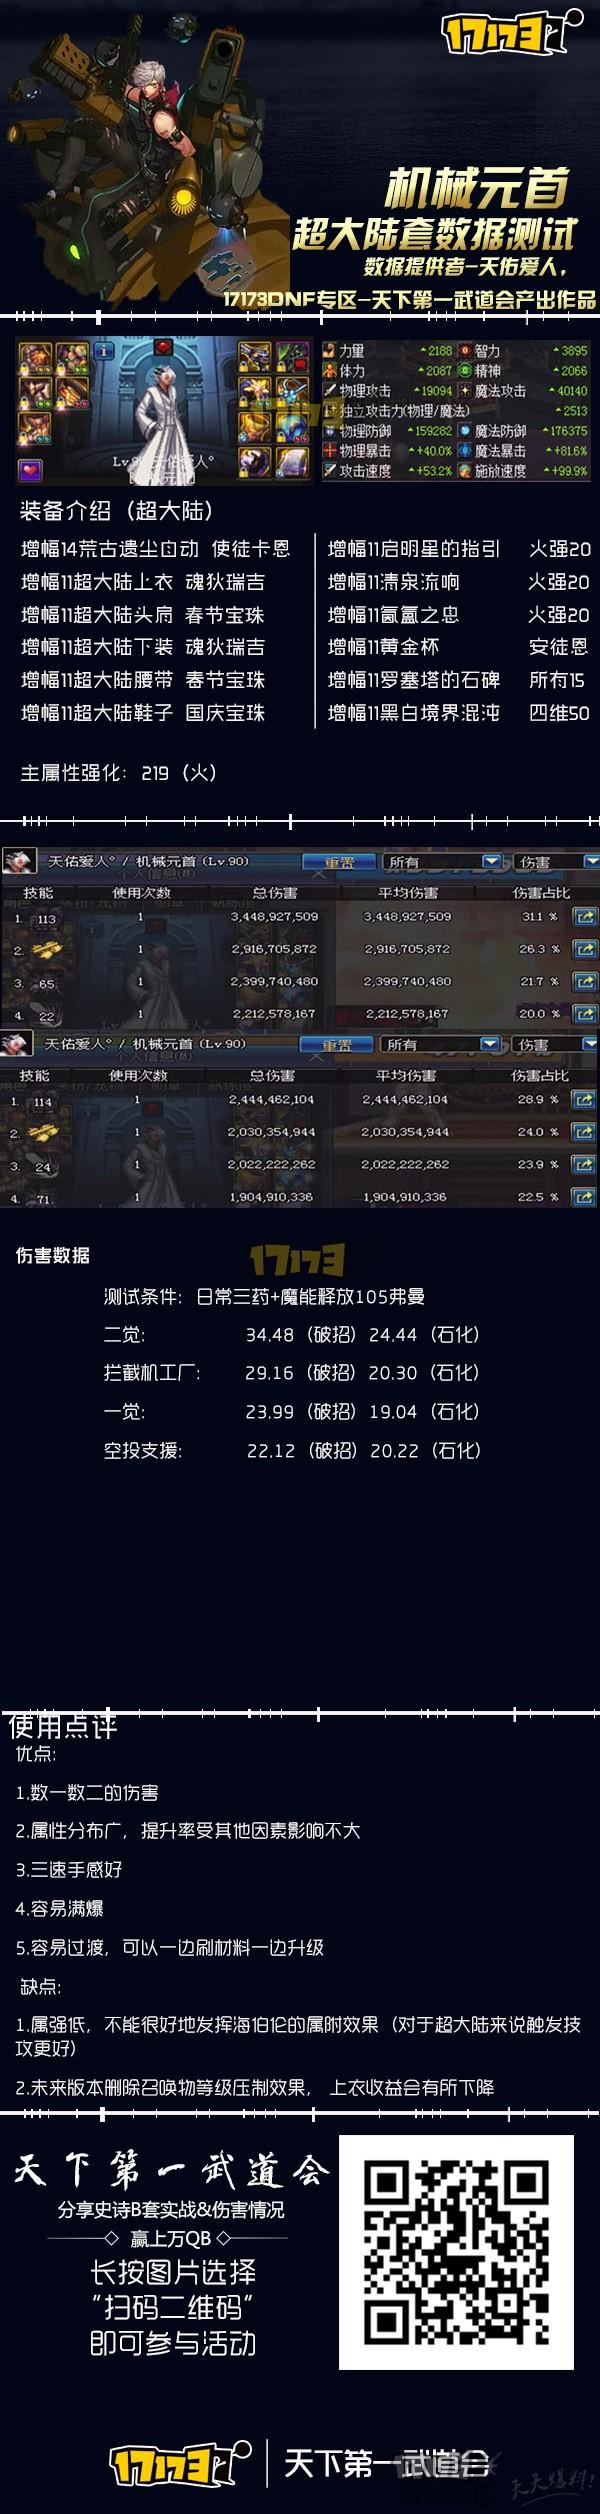 【超大陆】机械.jpg